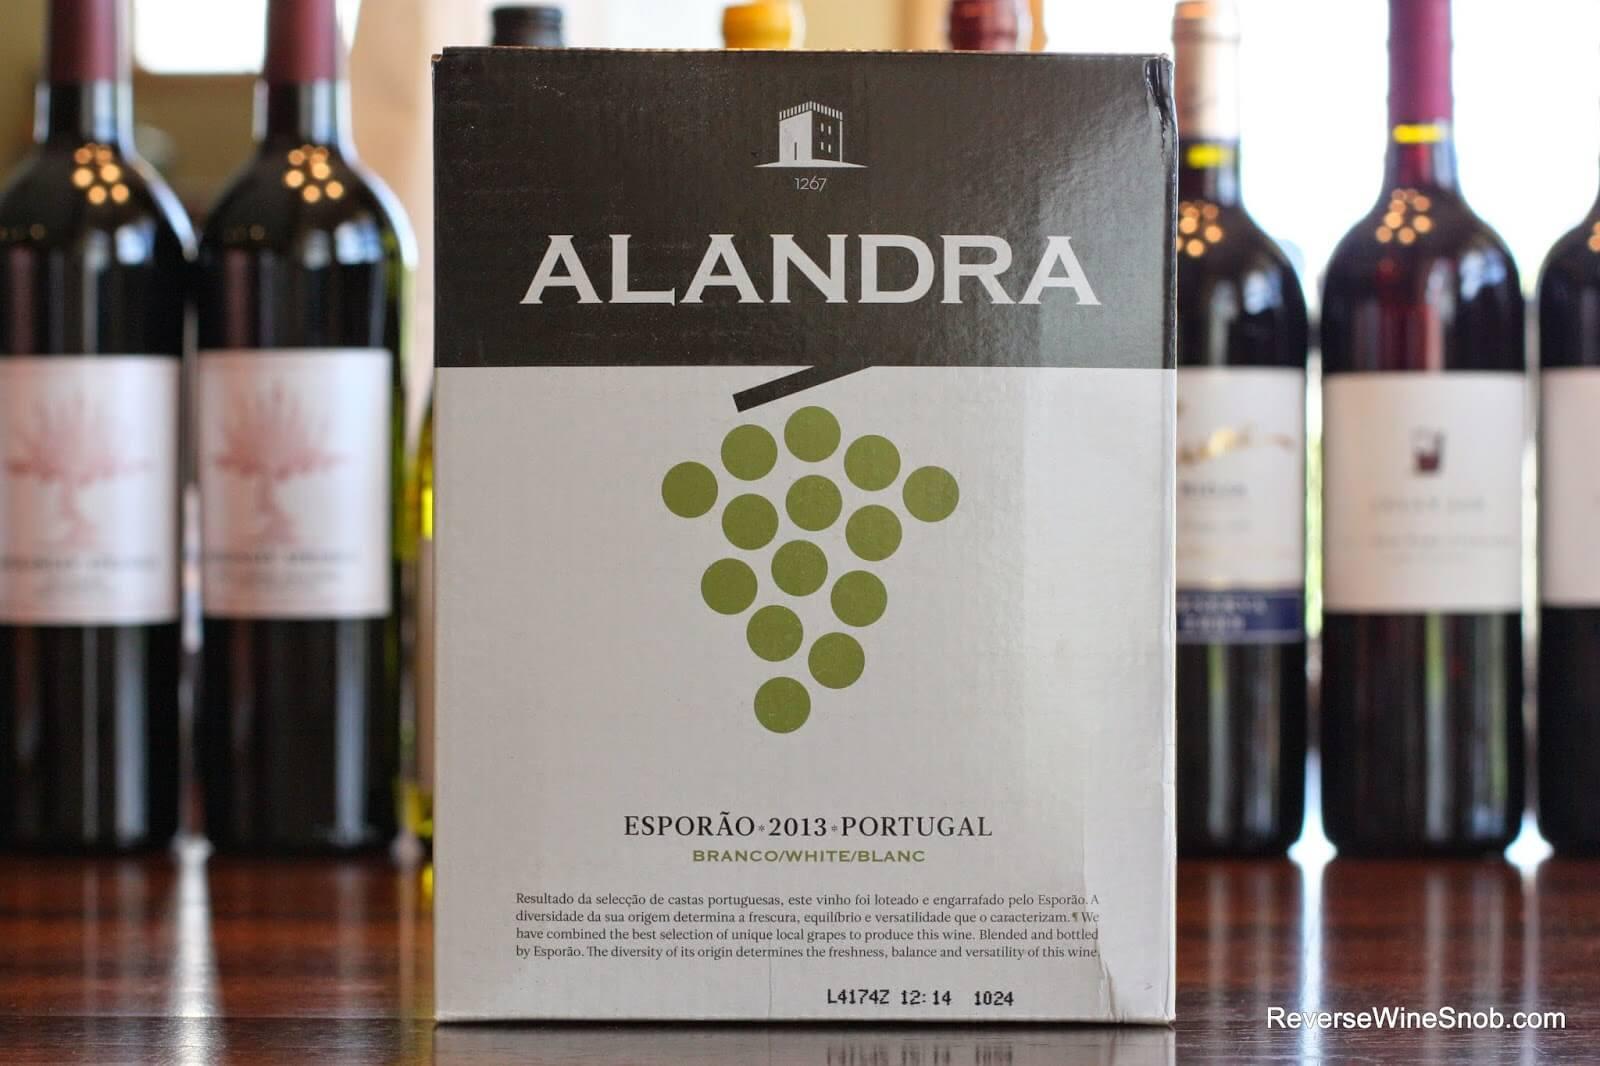 2013-Esporao-Alandra-White